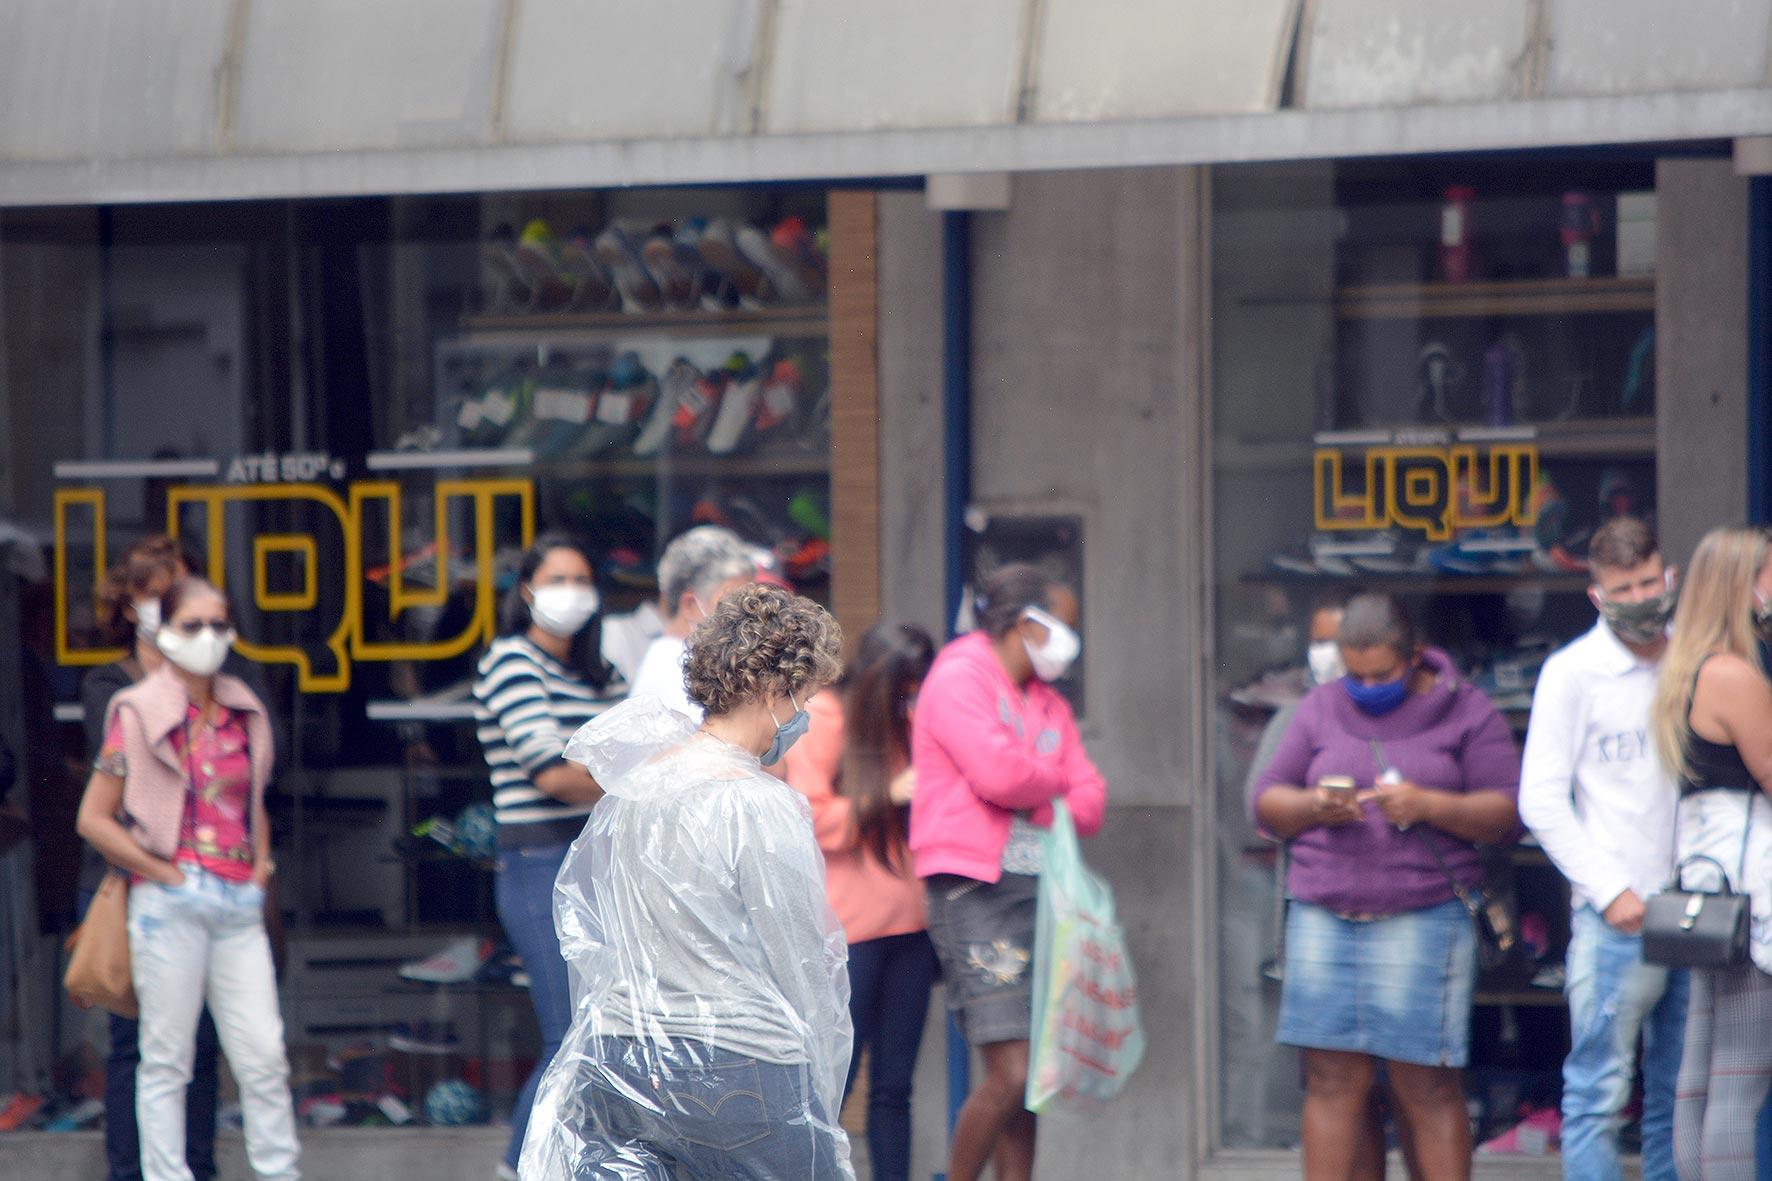 Friburguenses de máscara nas ruas (Foto: Henrique Pinheiro)